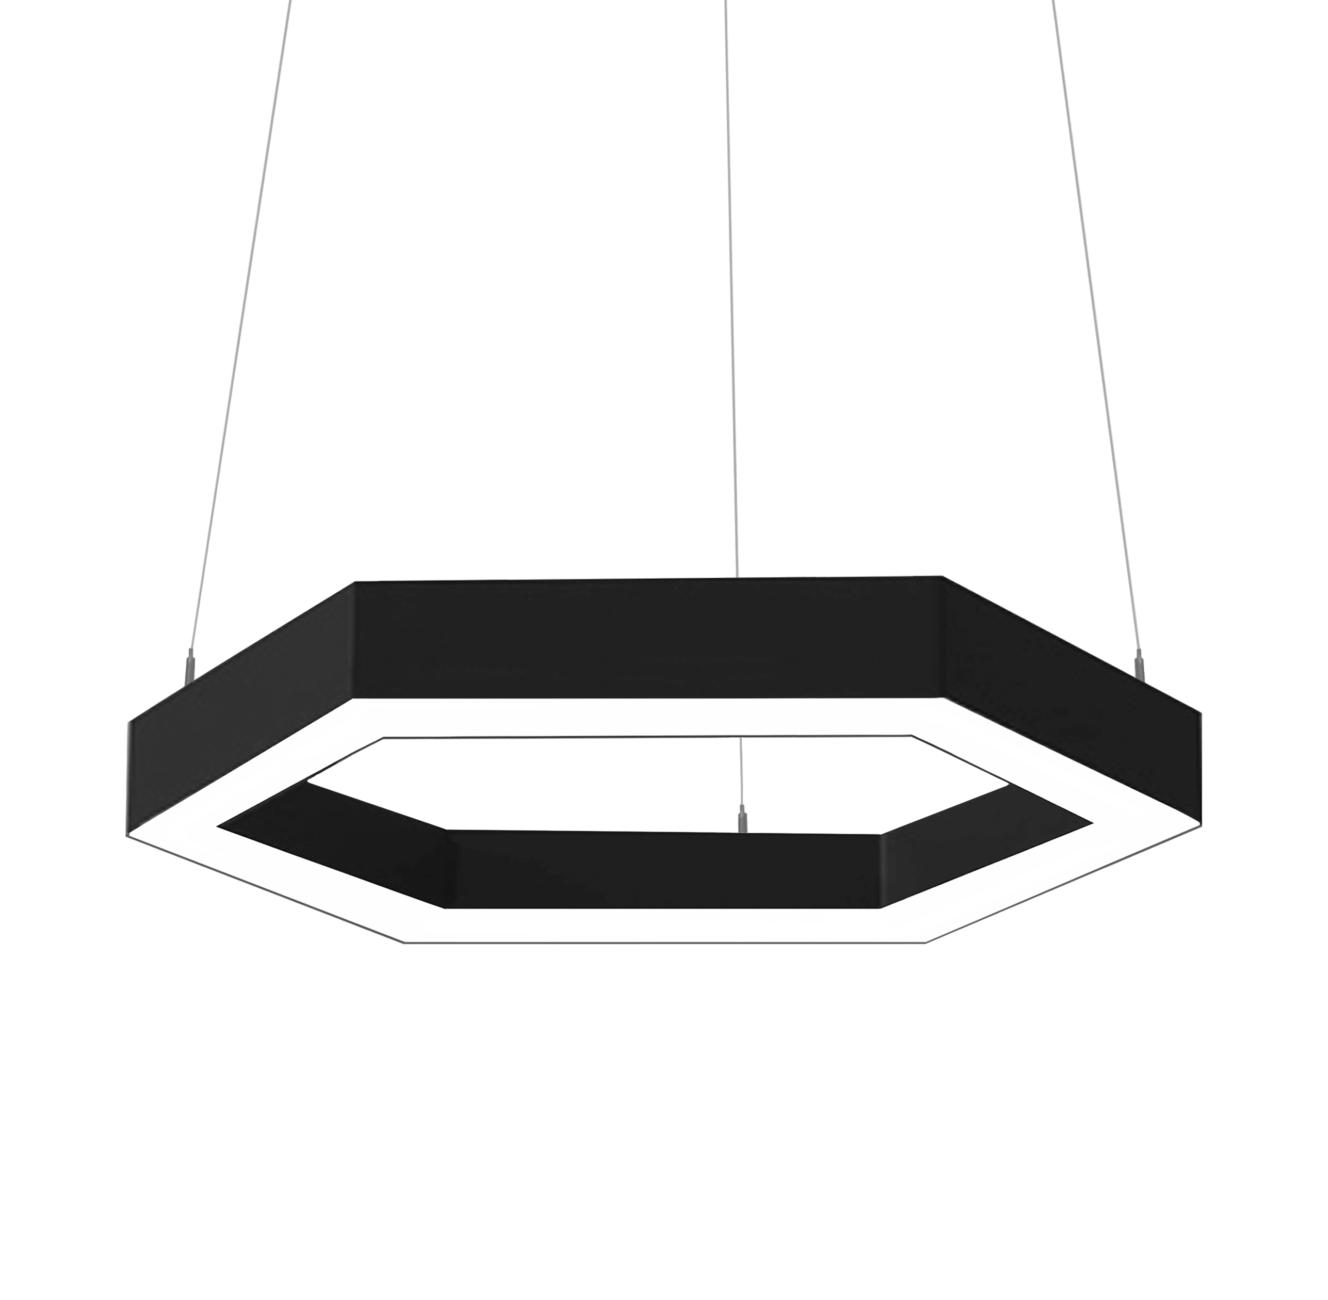 Светильник Geks 5070-750мм. 4000К/3000К. 77W/161W купить во Владивостоке